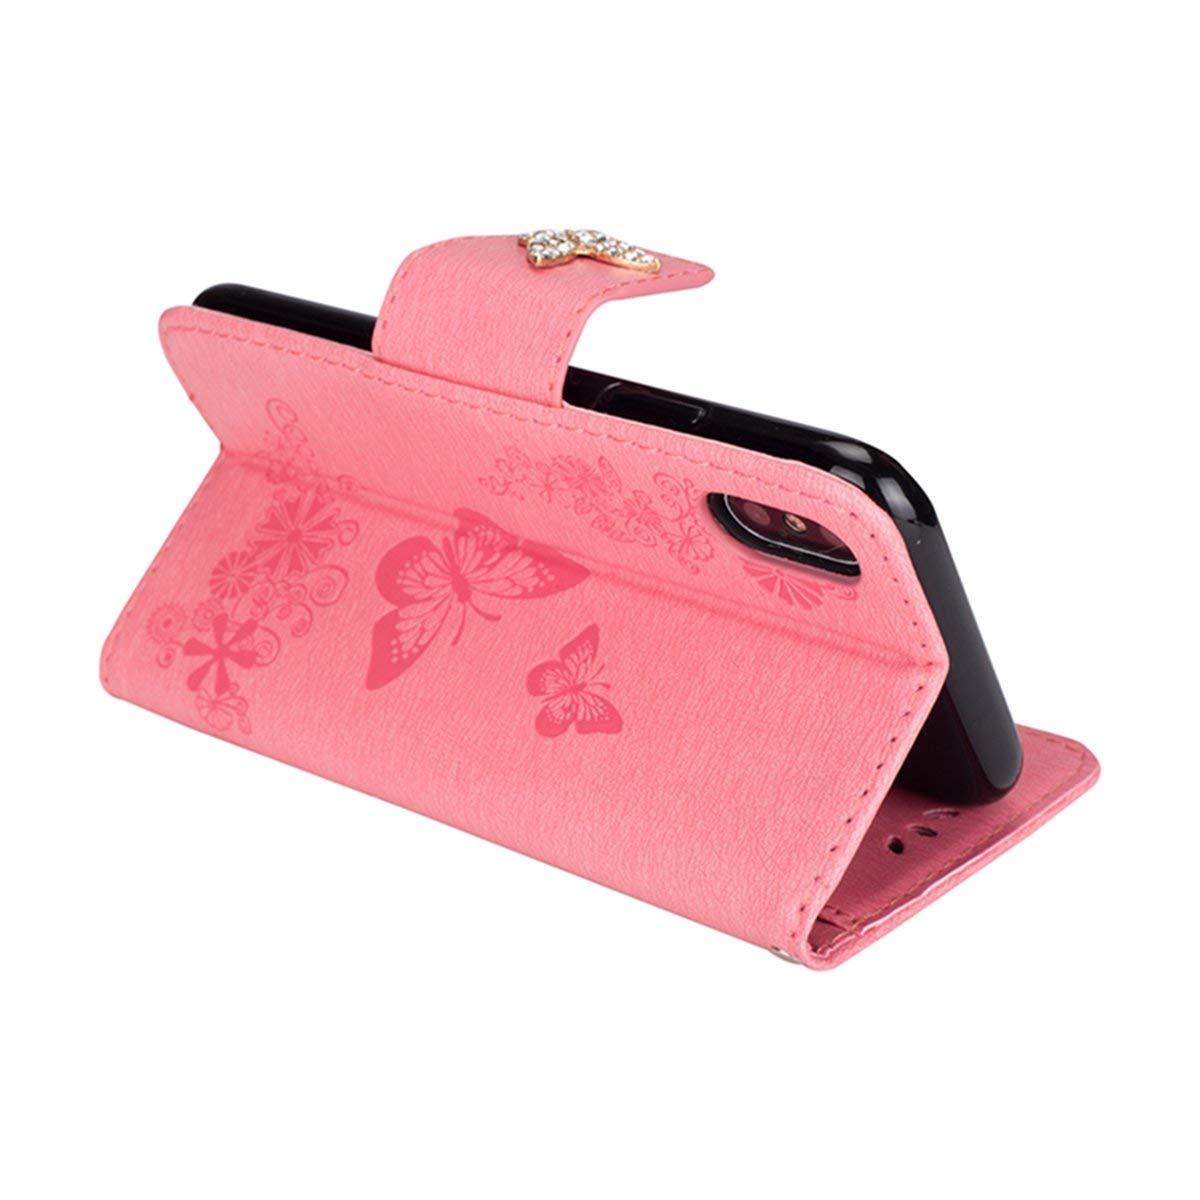 Felfy Compatible avec iPhone XR Coque Portefeuille Luxe Glitter Strass Diamant 3D Papillon Housse /à Rabat PU Cuir /étui de Protection Magn/étique Flip Case Bumper avec Fentes pour Cartes,Noir